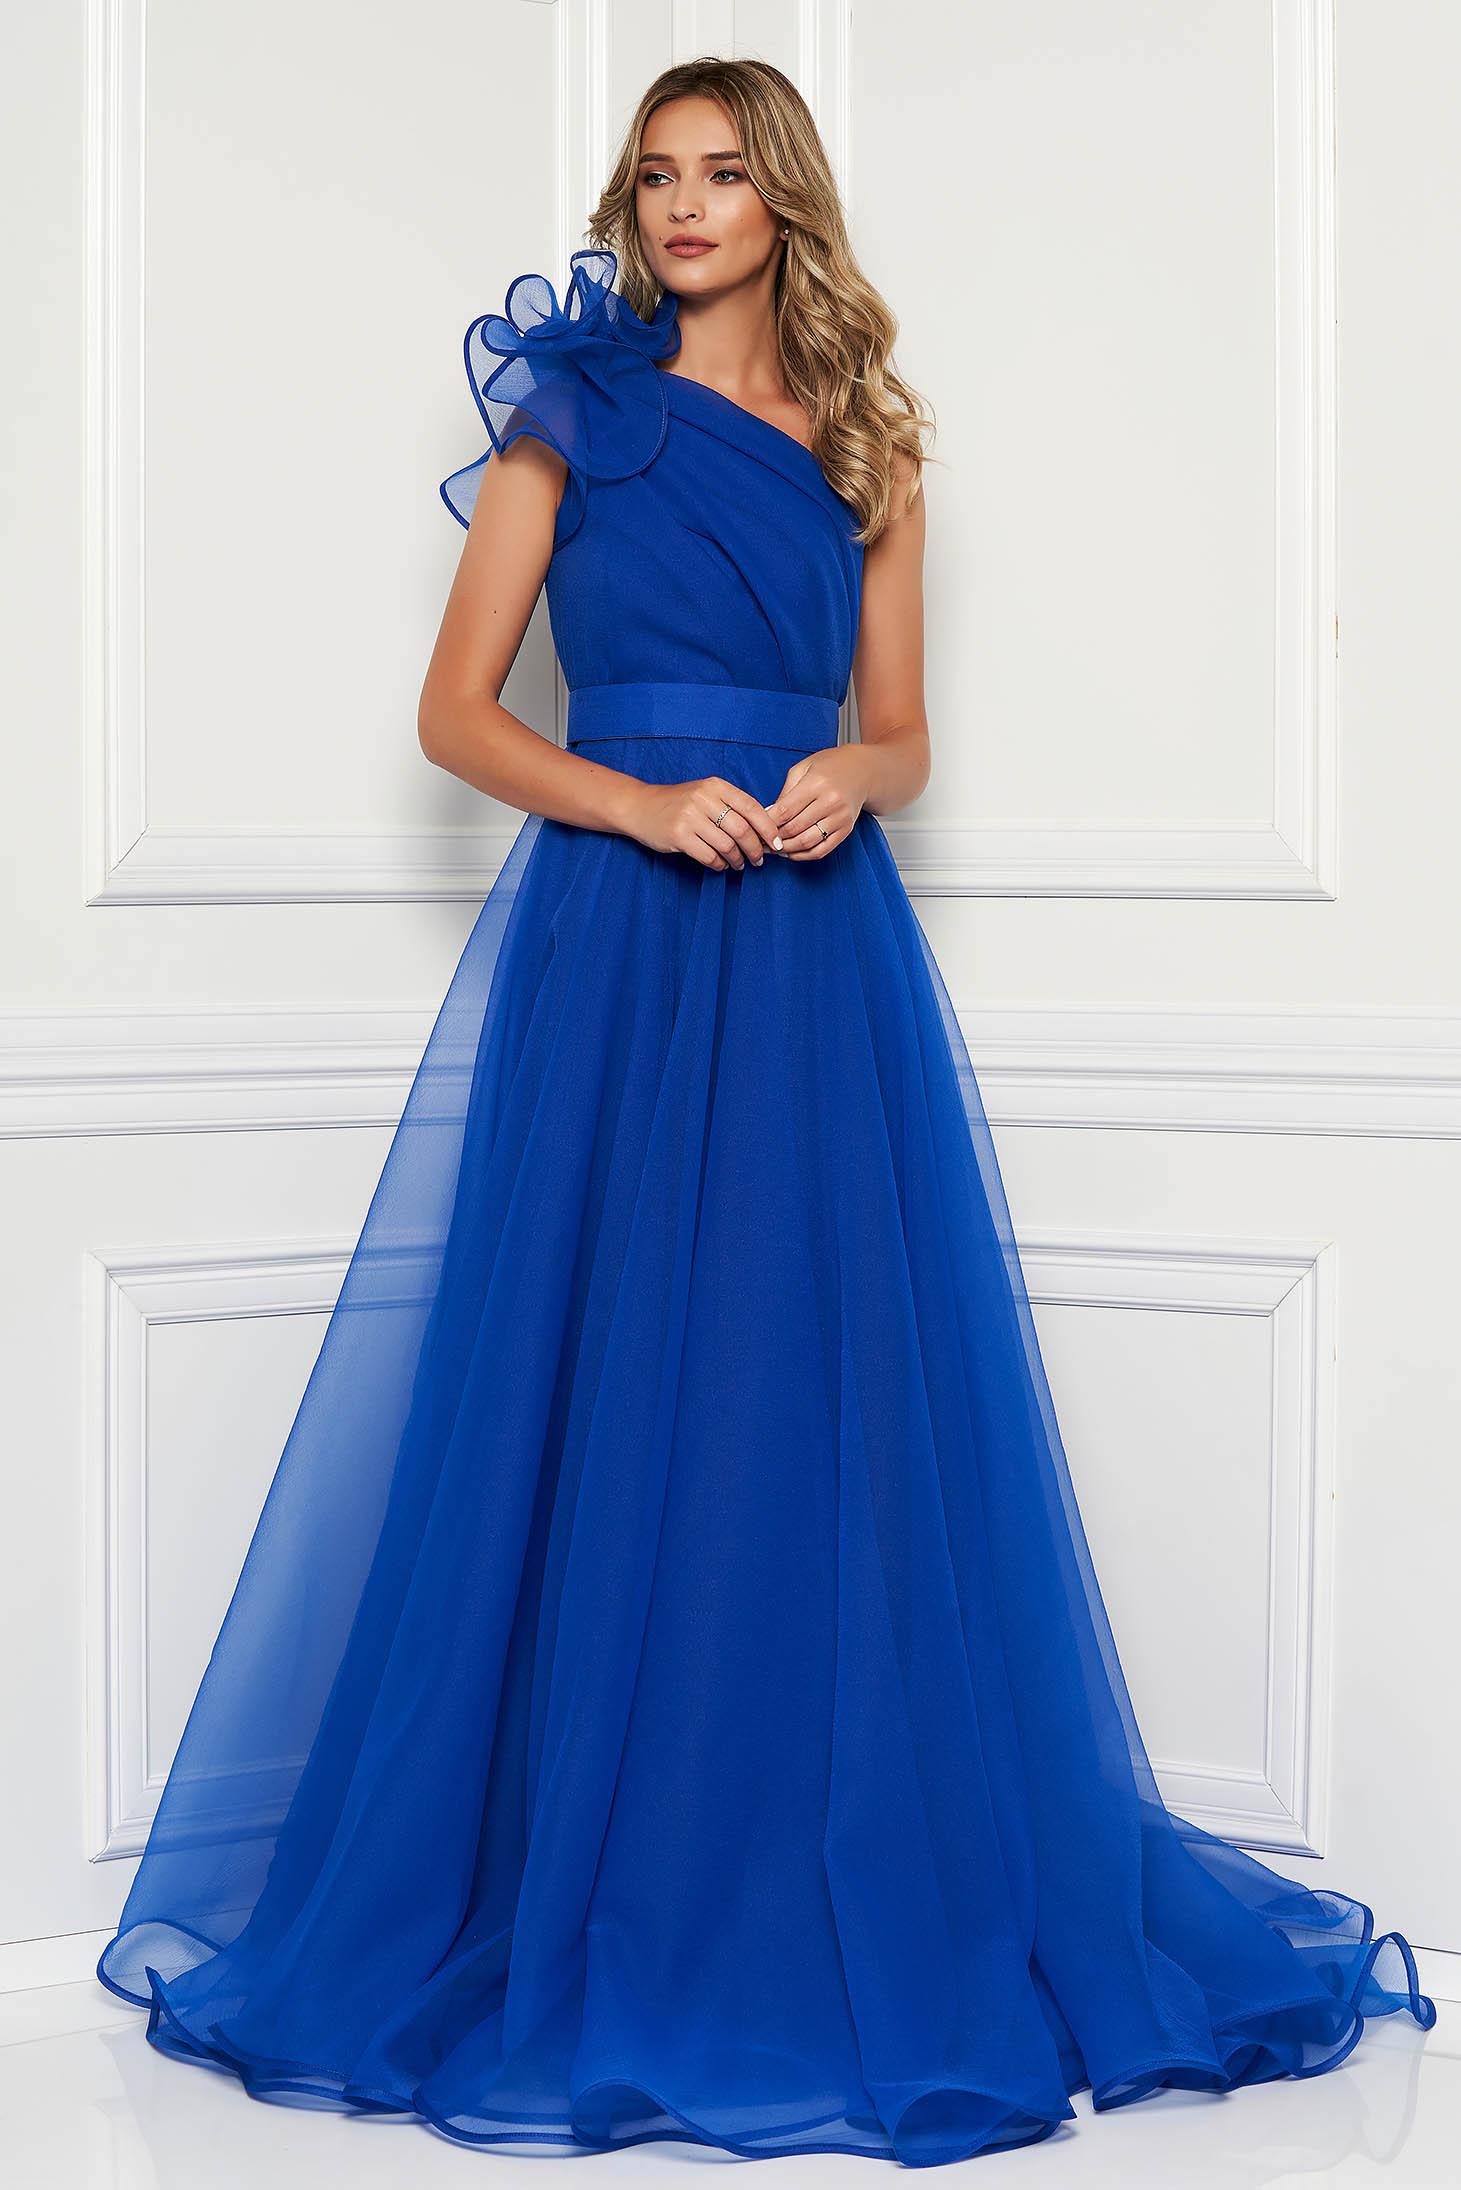 Kék Ana Radu luxus egy vállas deréktól bővülő szabású ruha béléssel övvel ellátva